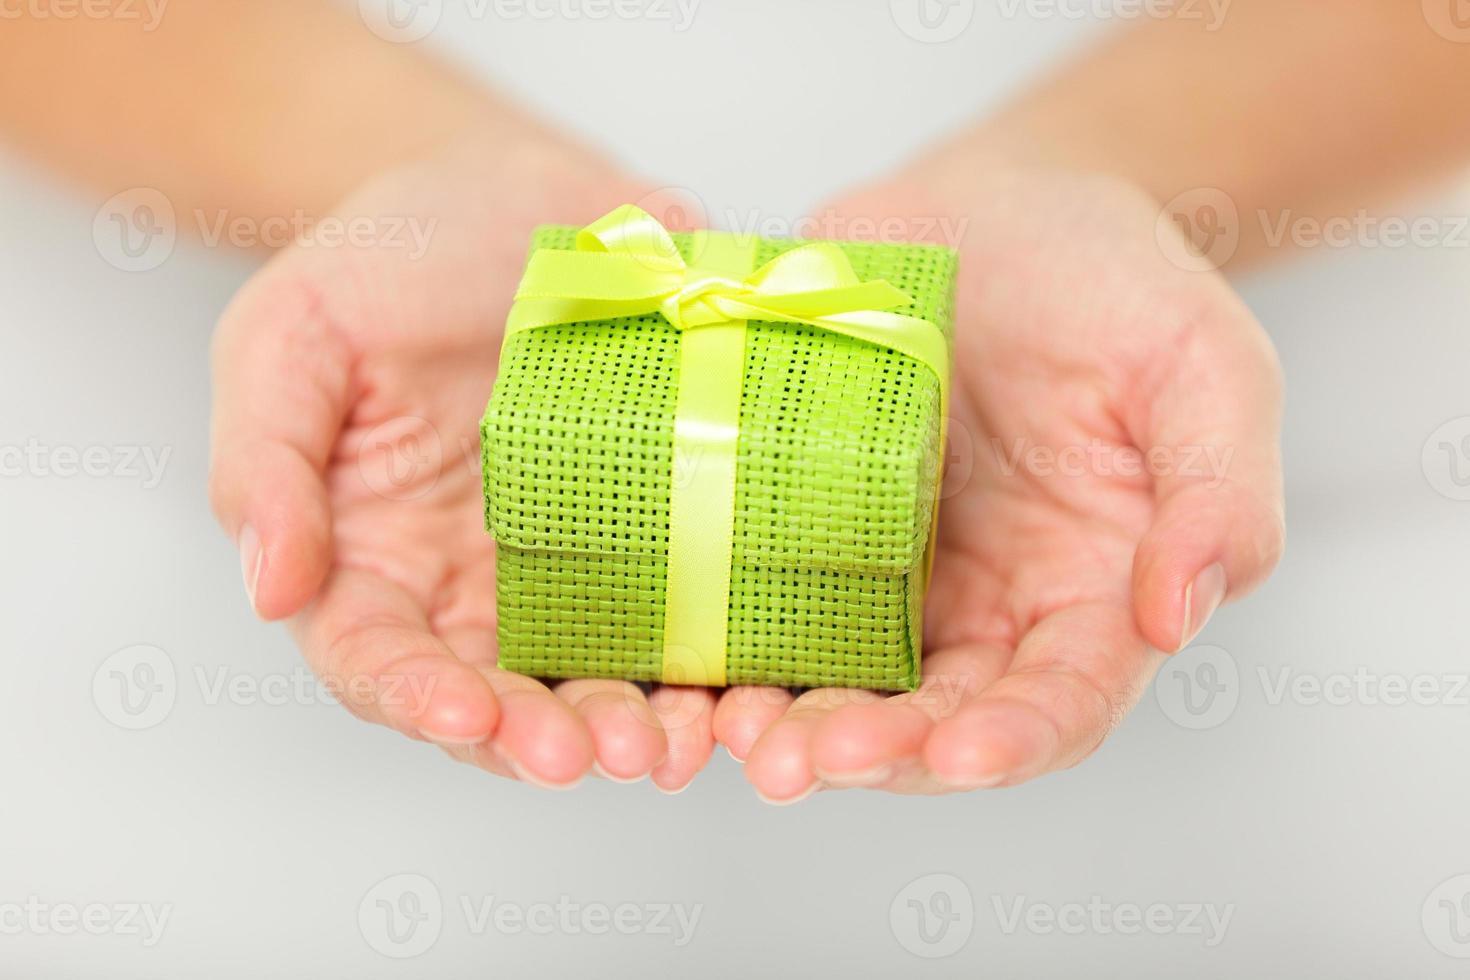 regalo verde colorato in mano a coppa foto